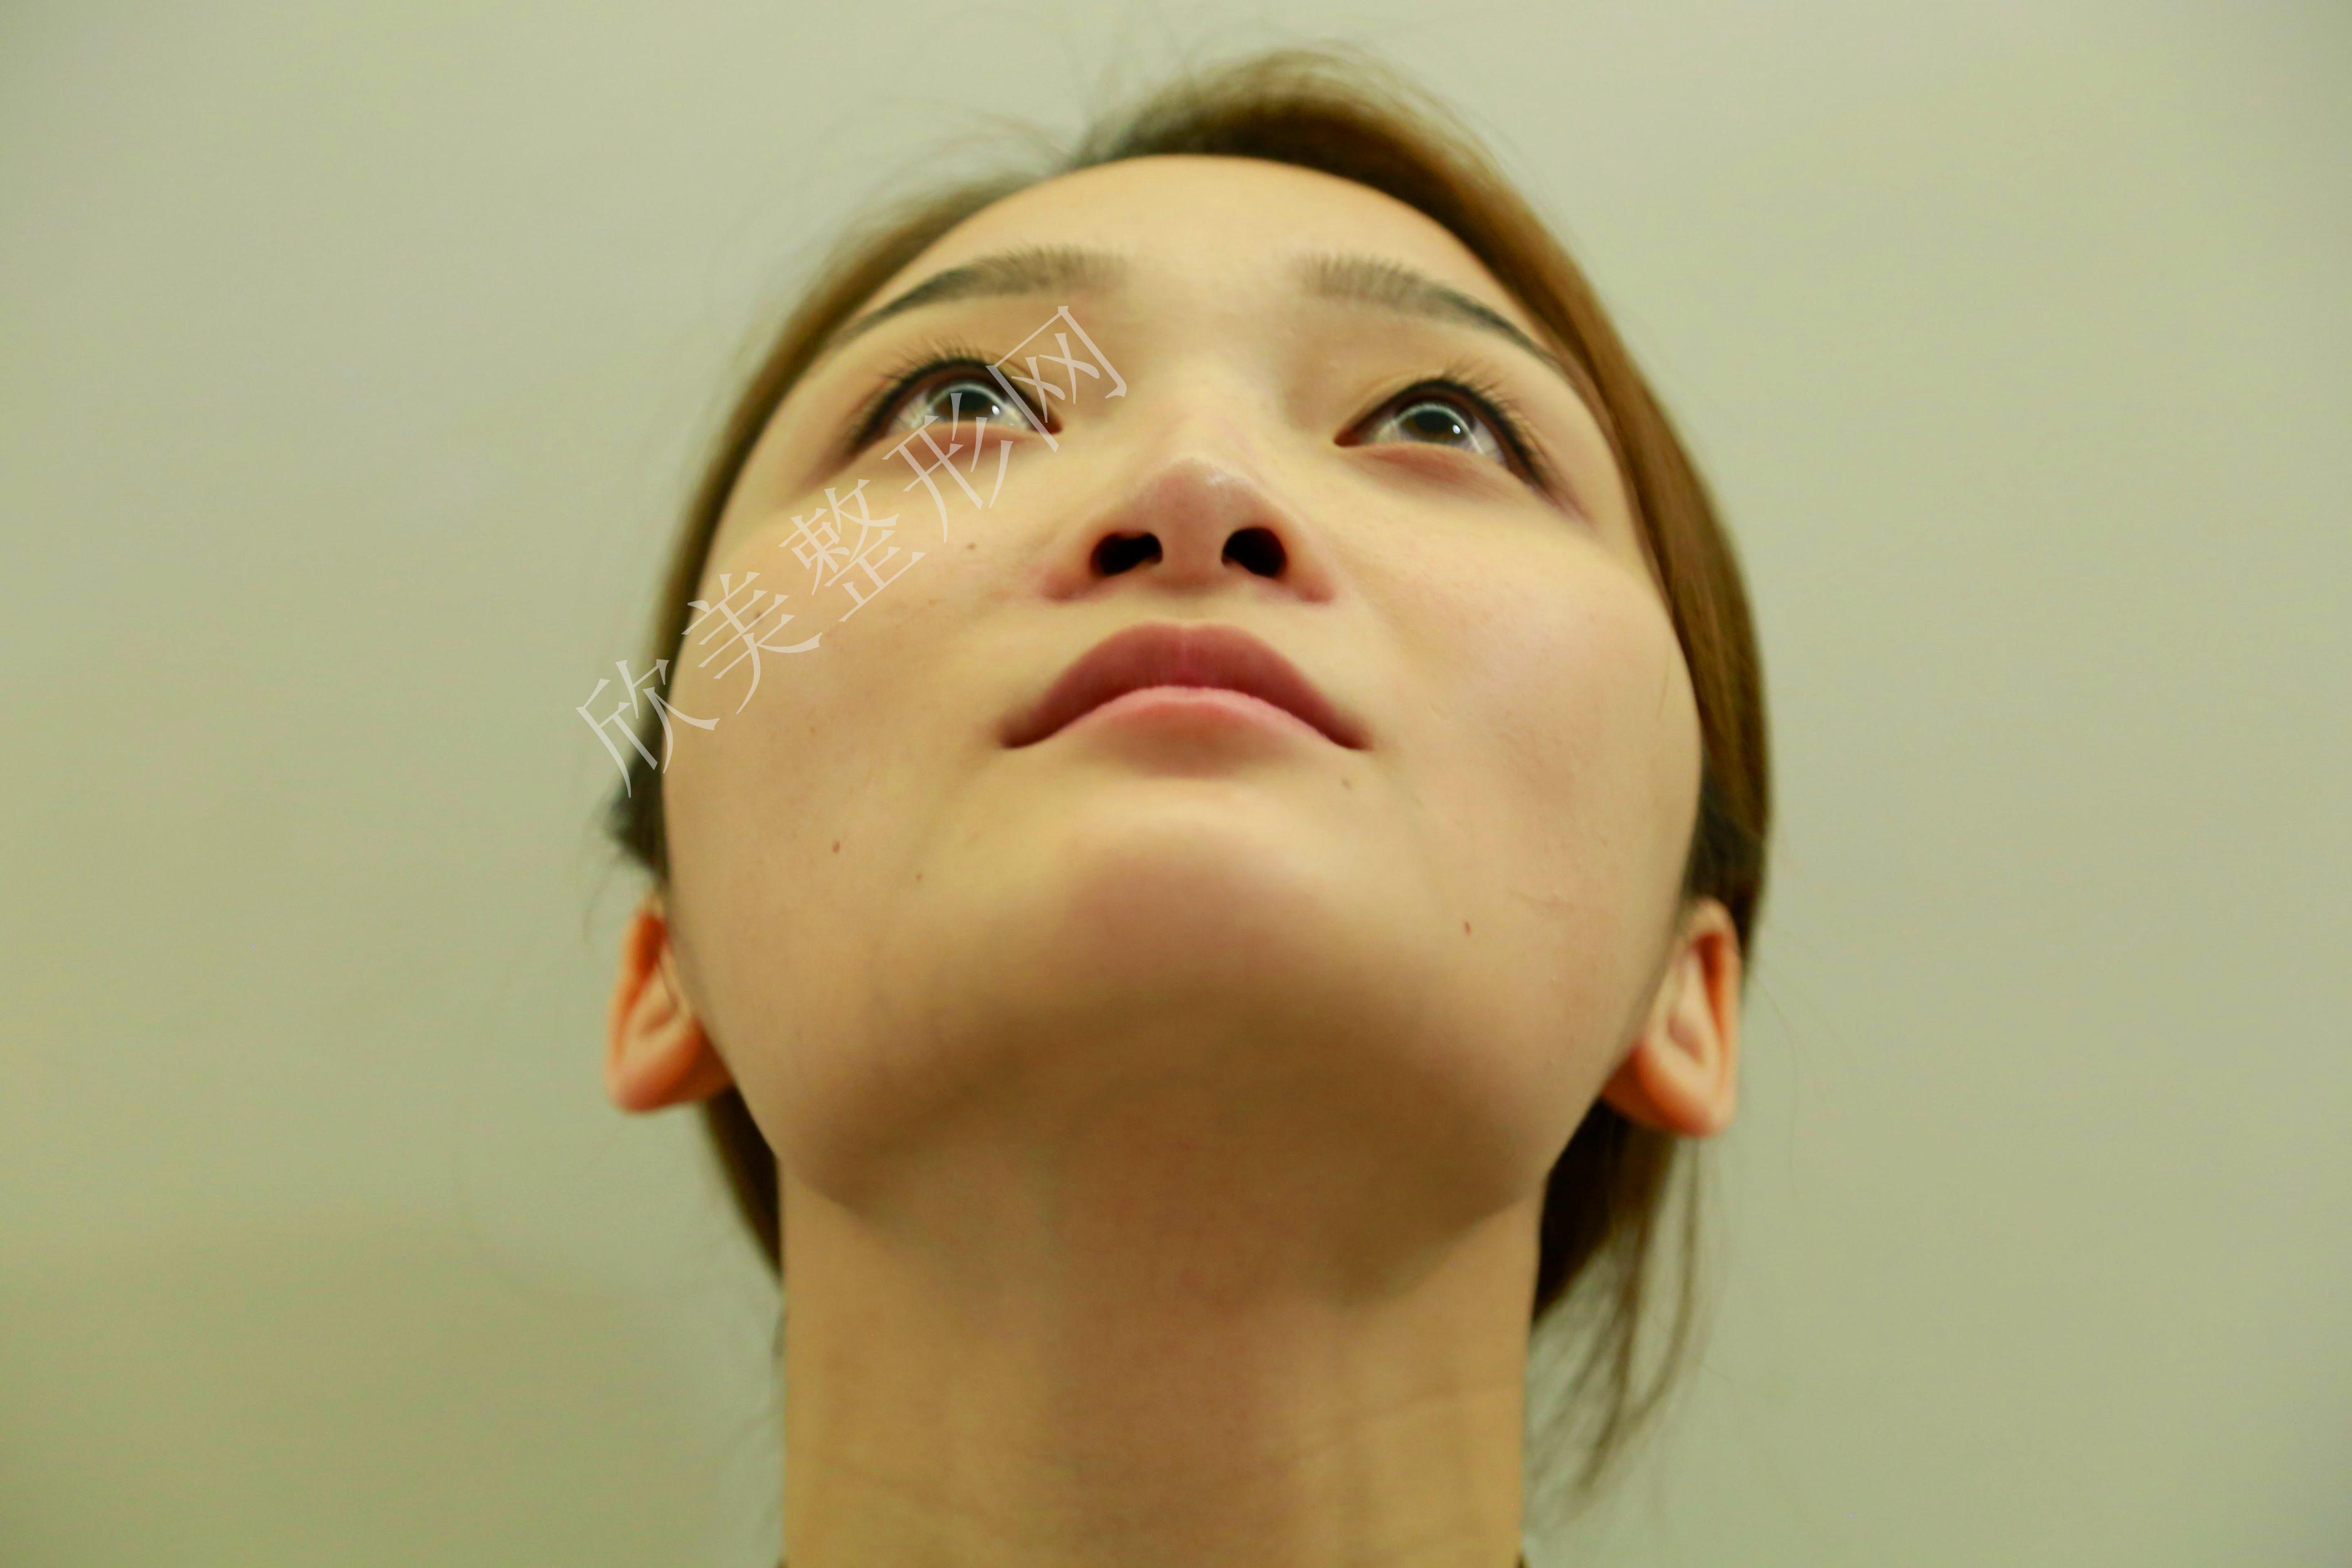 柚子君的鼻修复术前照